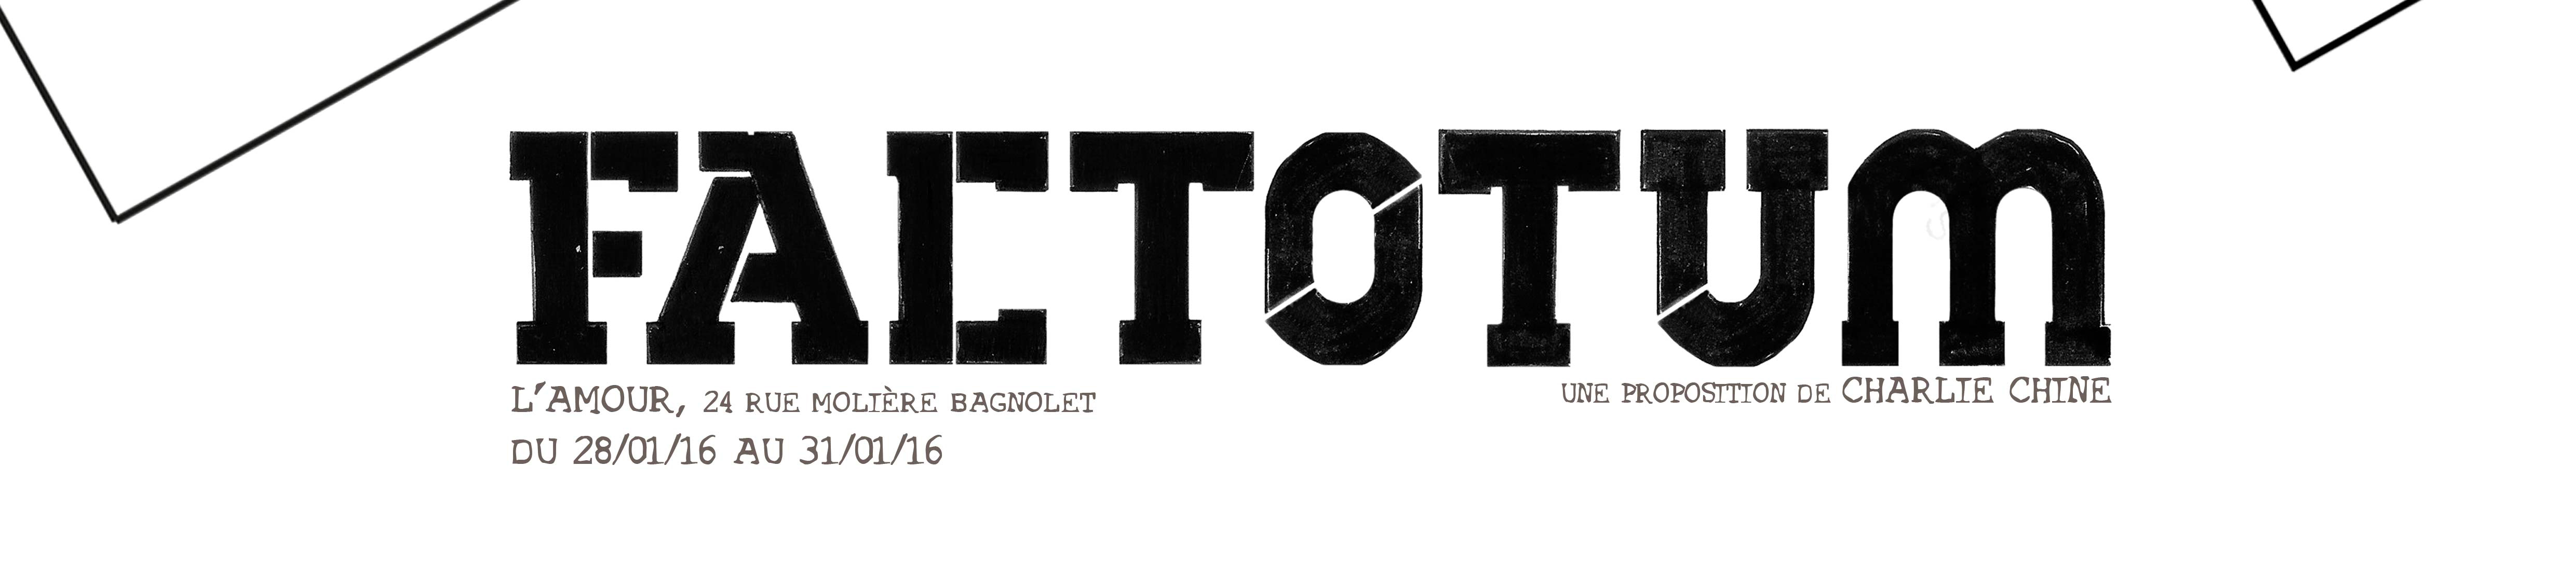 Factotum-logo-web-2-rogne